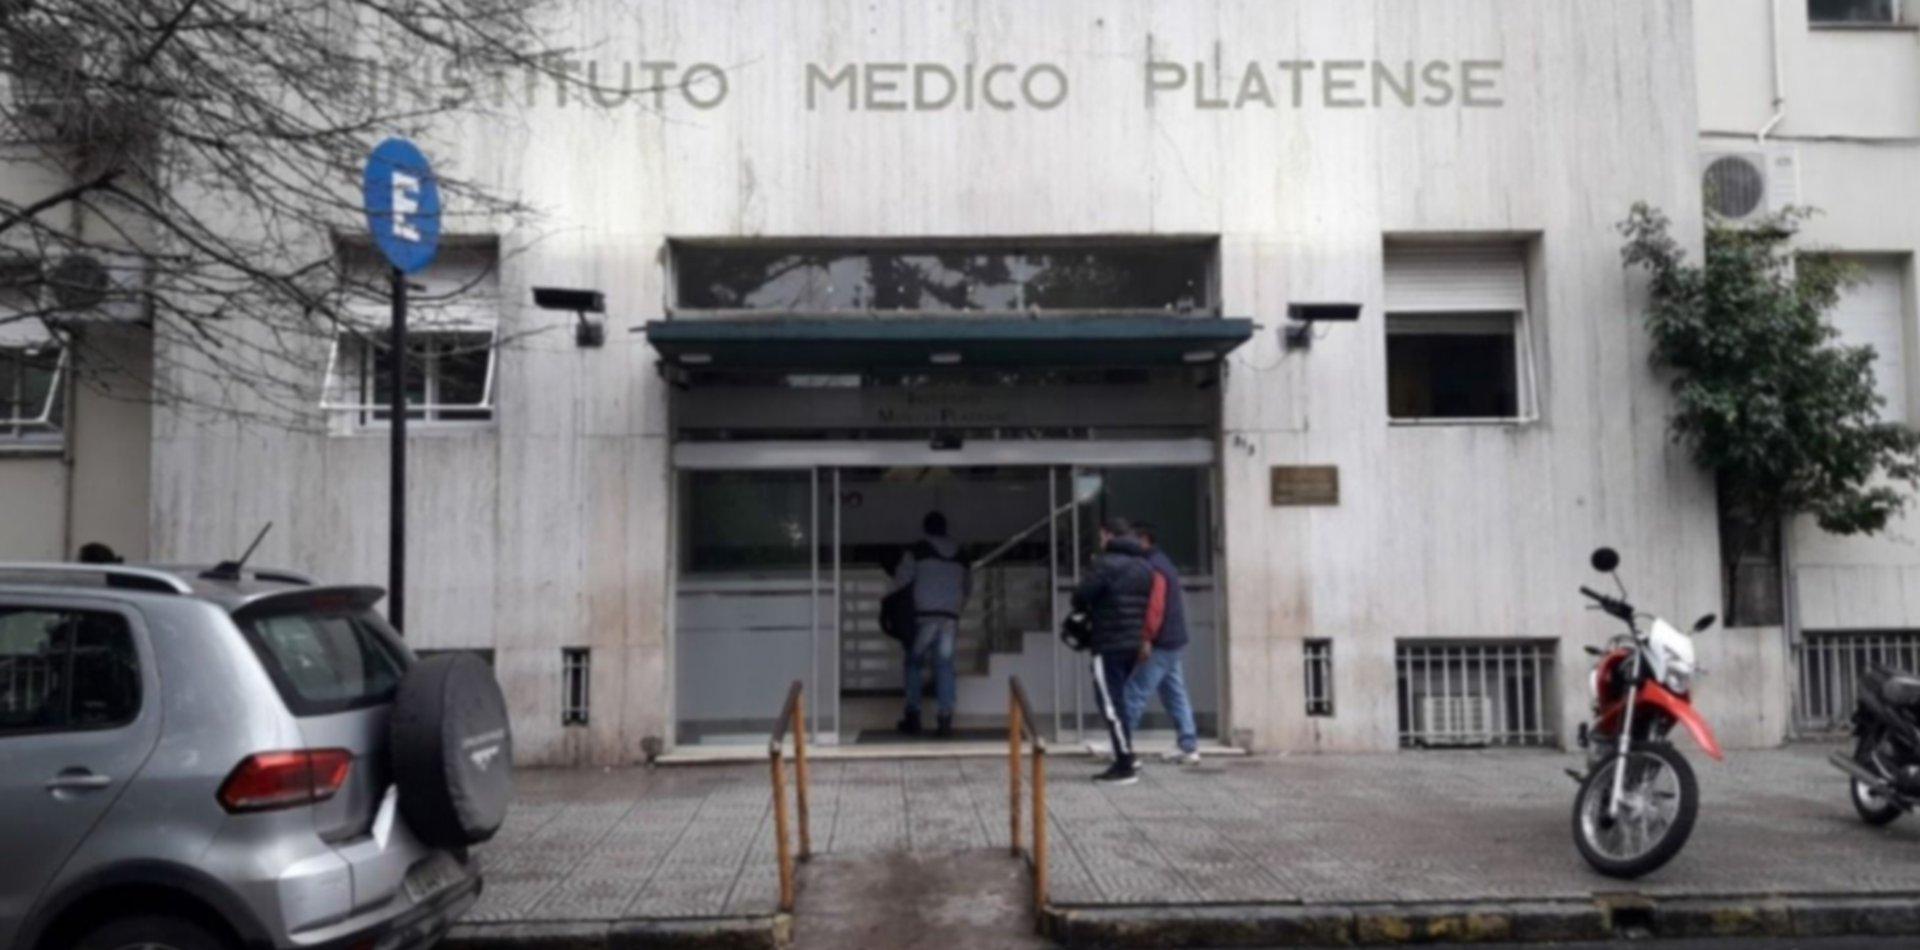 Salvaje ataque en La Plata: un abuelo fue apuñalado durante un asalto y terminó internado